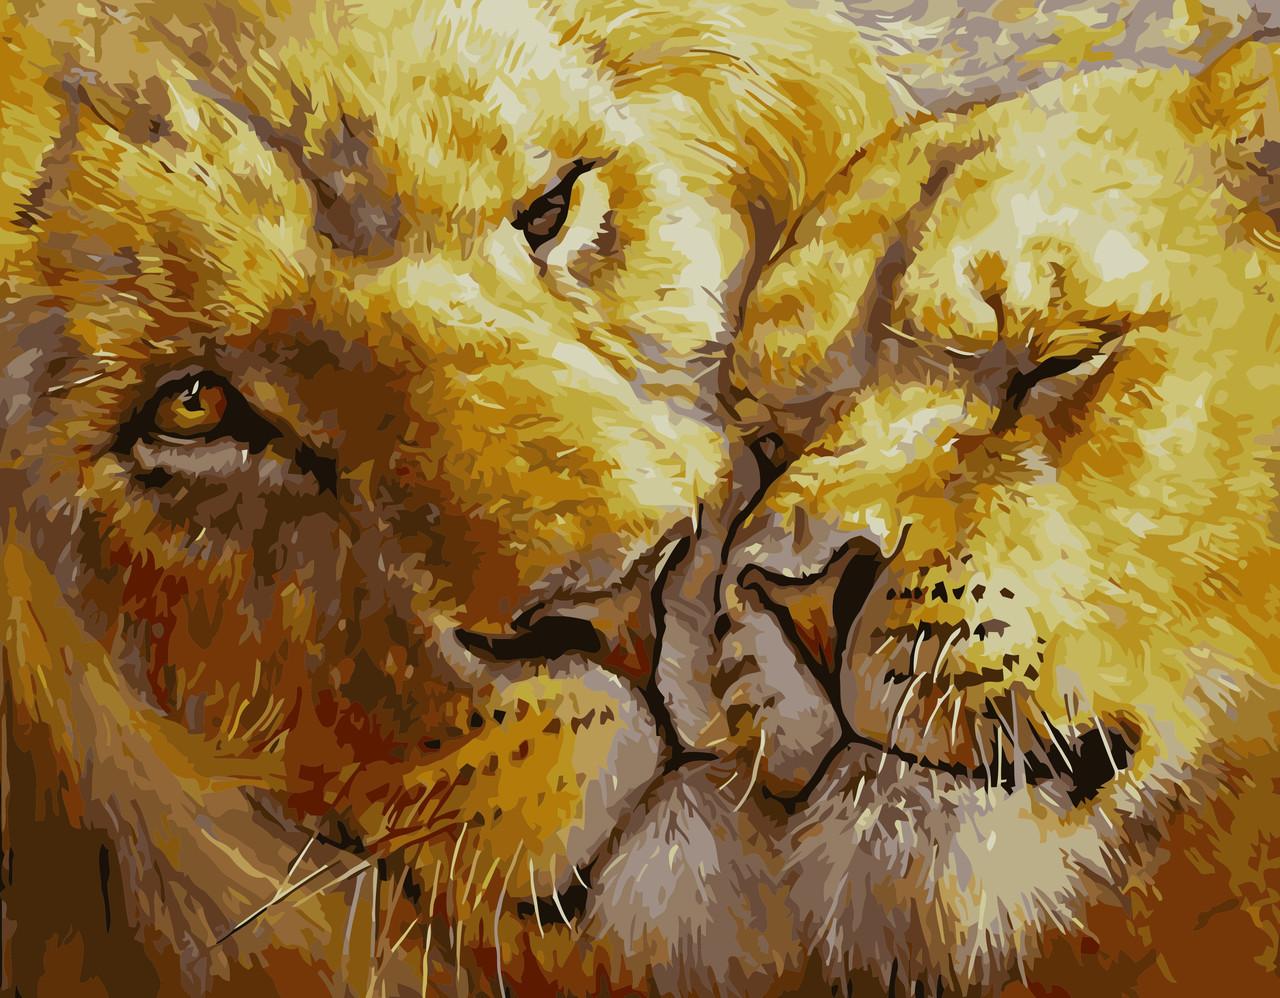 Картина по номерам VA-1766 Влюбленные лев и львица, 40х50см. Strateg